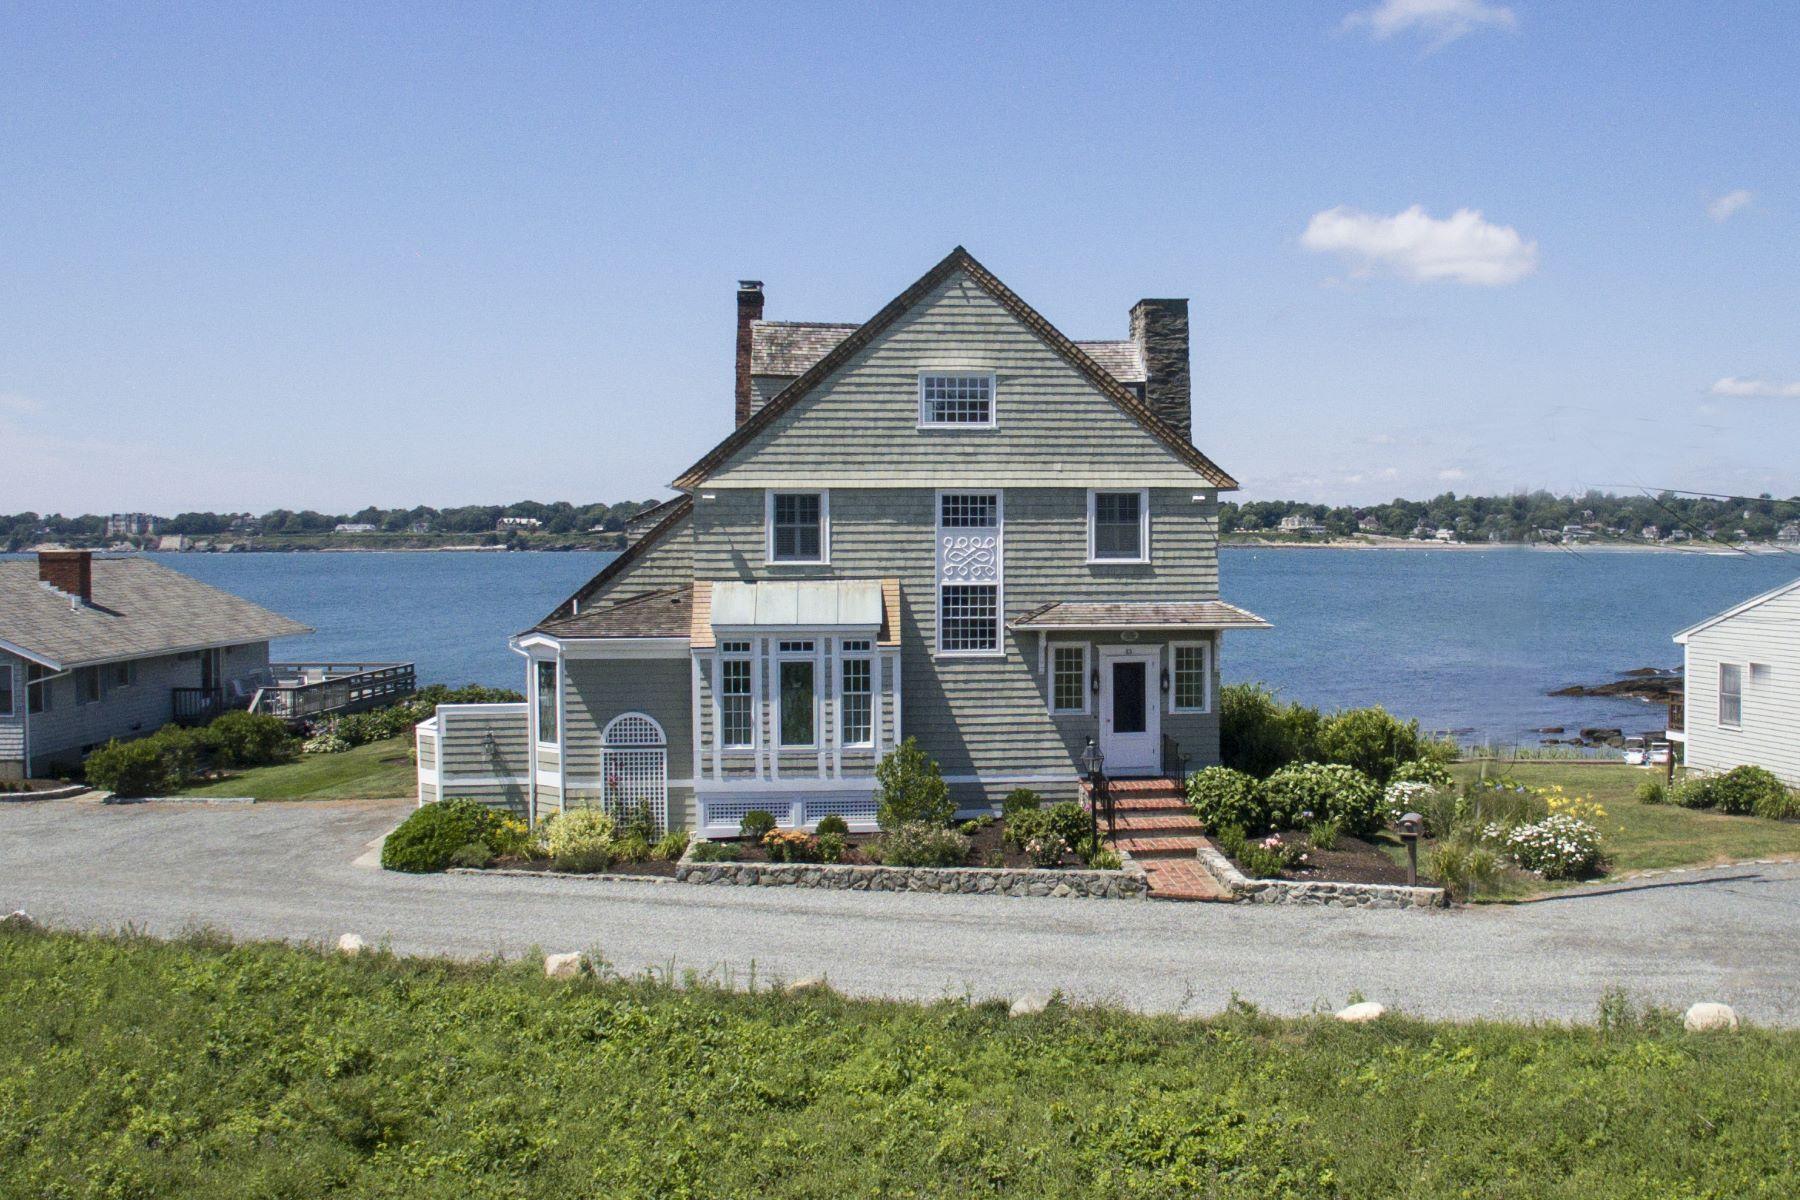 独户住宅 为 销售 在 'Cliff Cottage' 63 Shore Drive 米德尔敦, 02842 美国